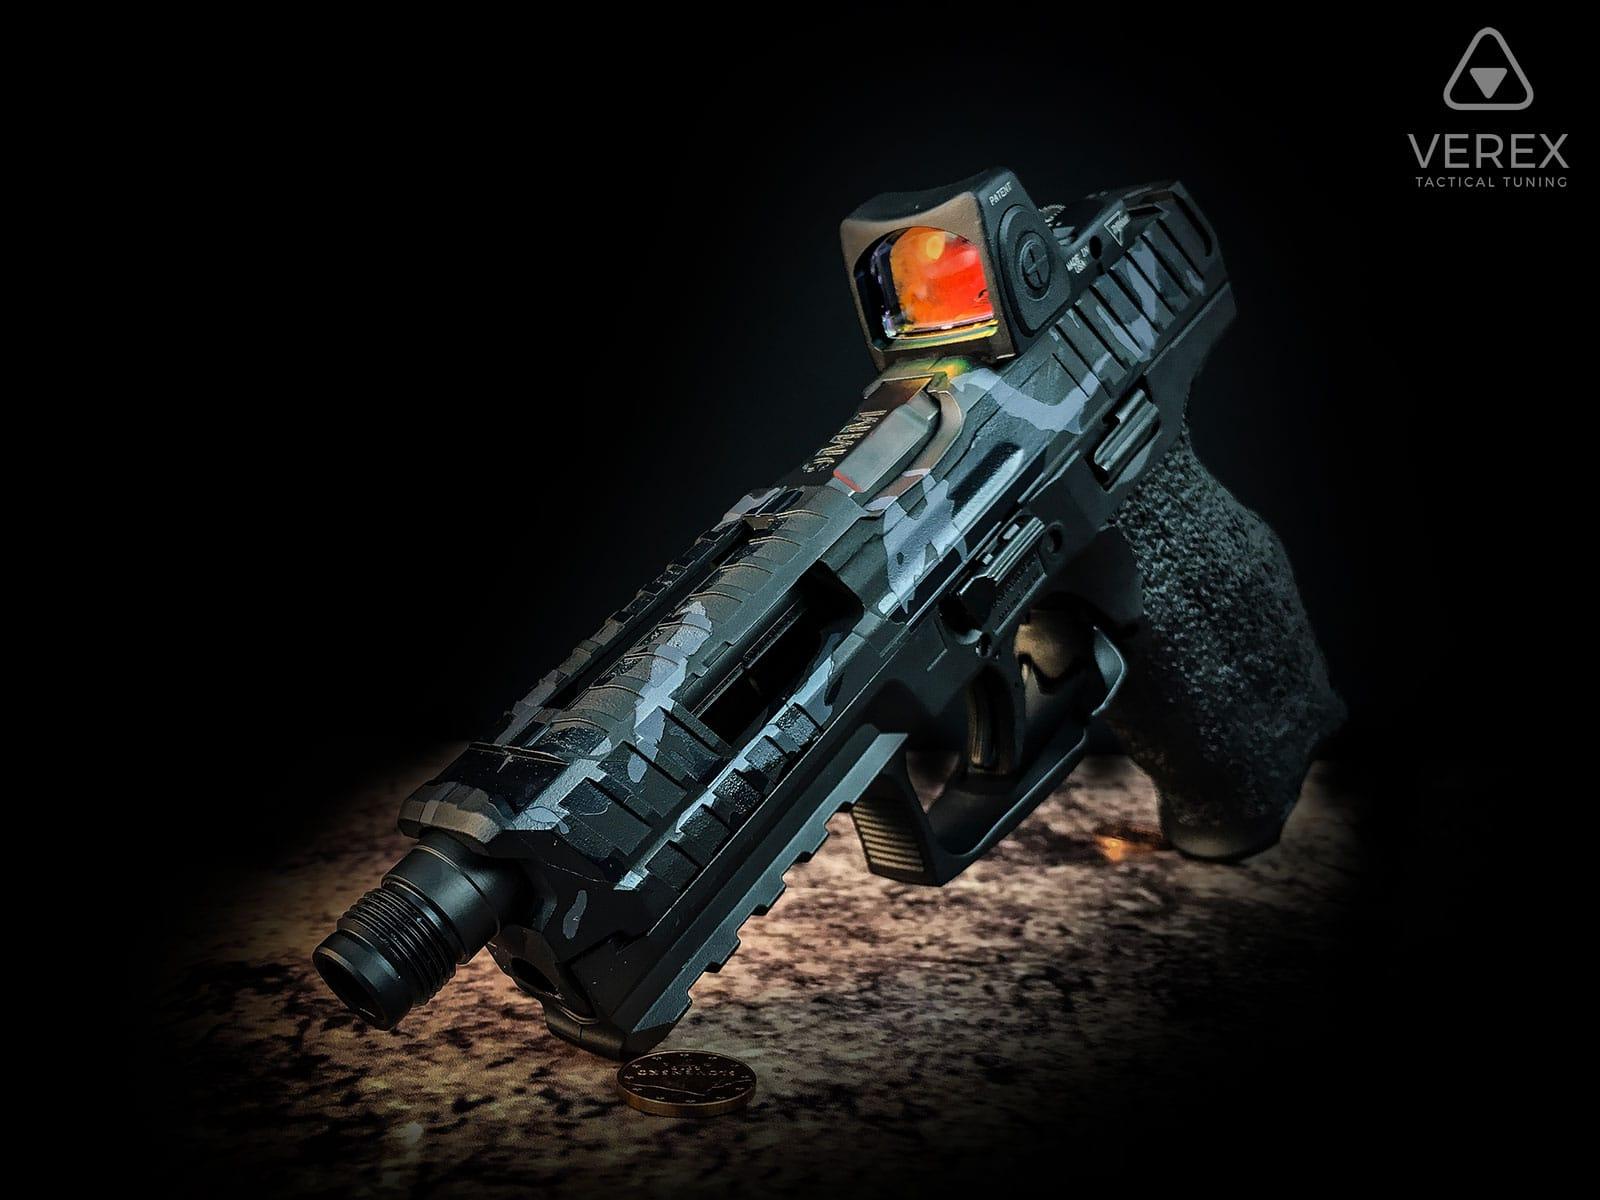 hk-heckler-&-koch-sfp9-vp9-schlitten-fräsen-trijicon-rmr-cerakote-camo-fensterausschnitte-waffentuning-österreich-deutschland-schweiz-verex-tactical-tuning